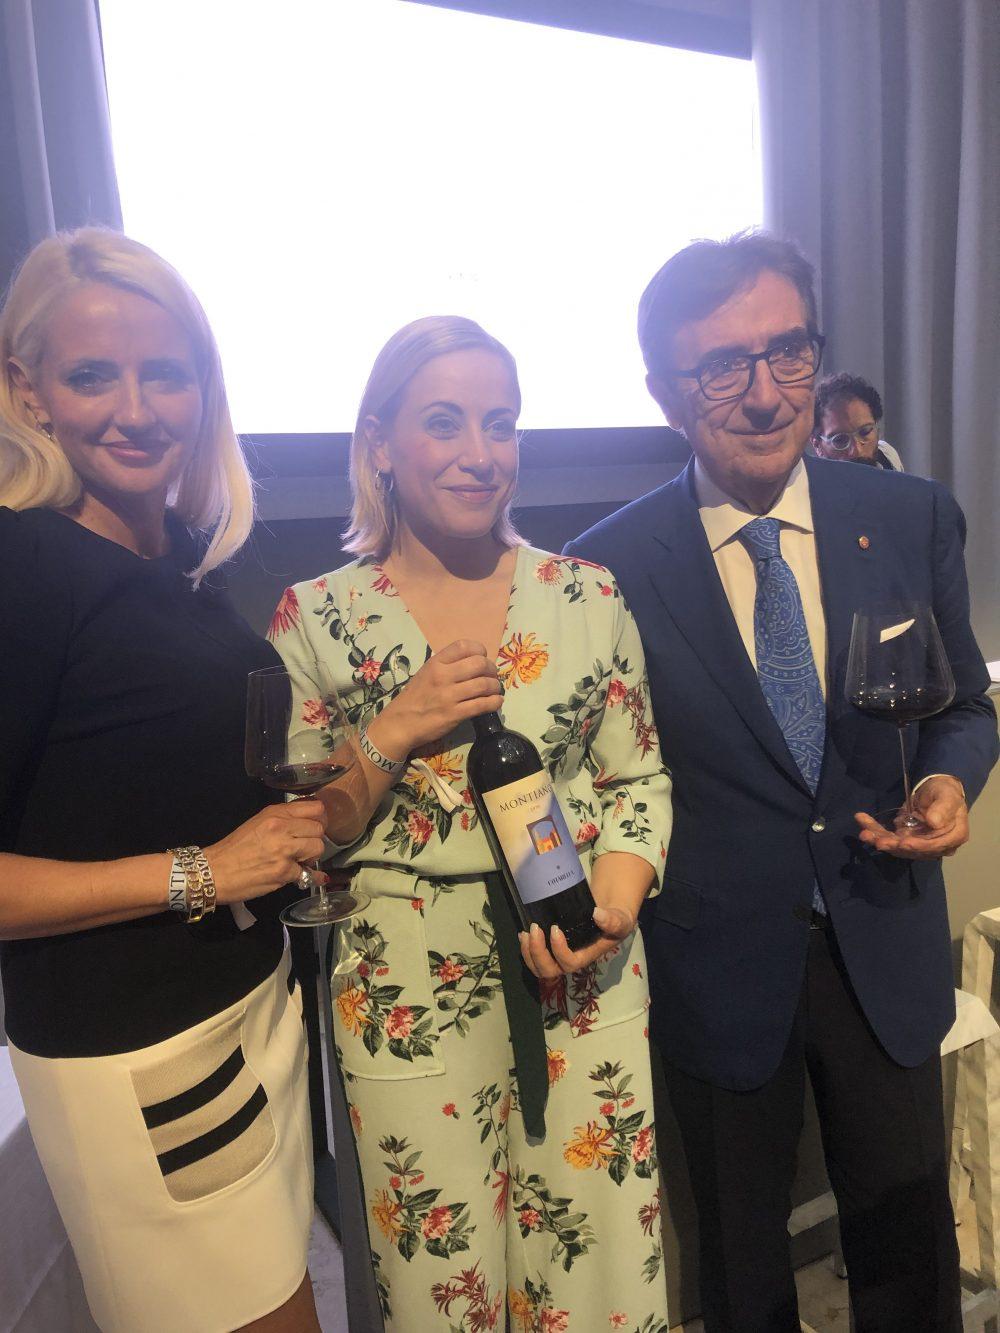 Dominga, Enrica e Riccardo Cotarella a Milano per presentare l'annata 2016 del Montiano